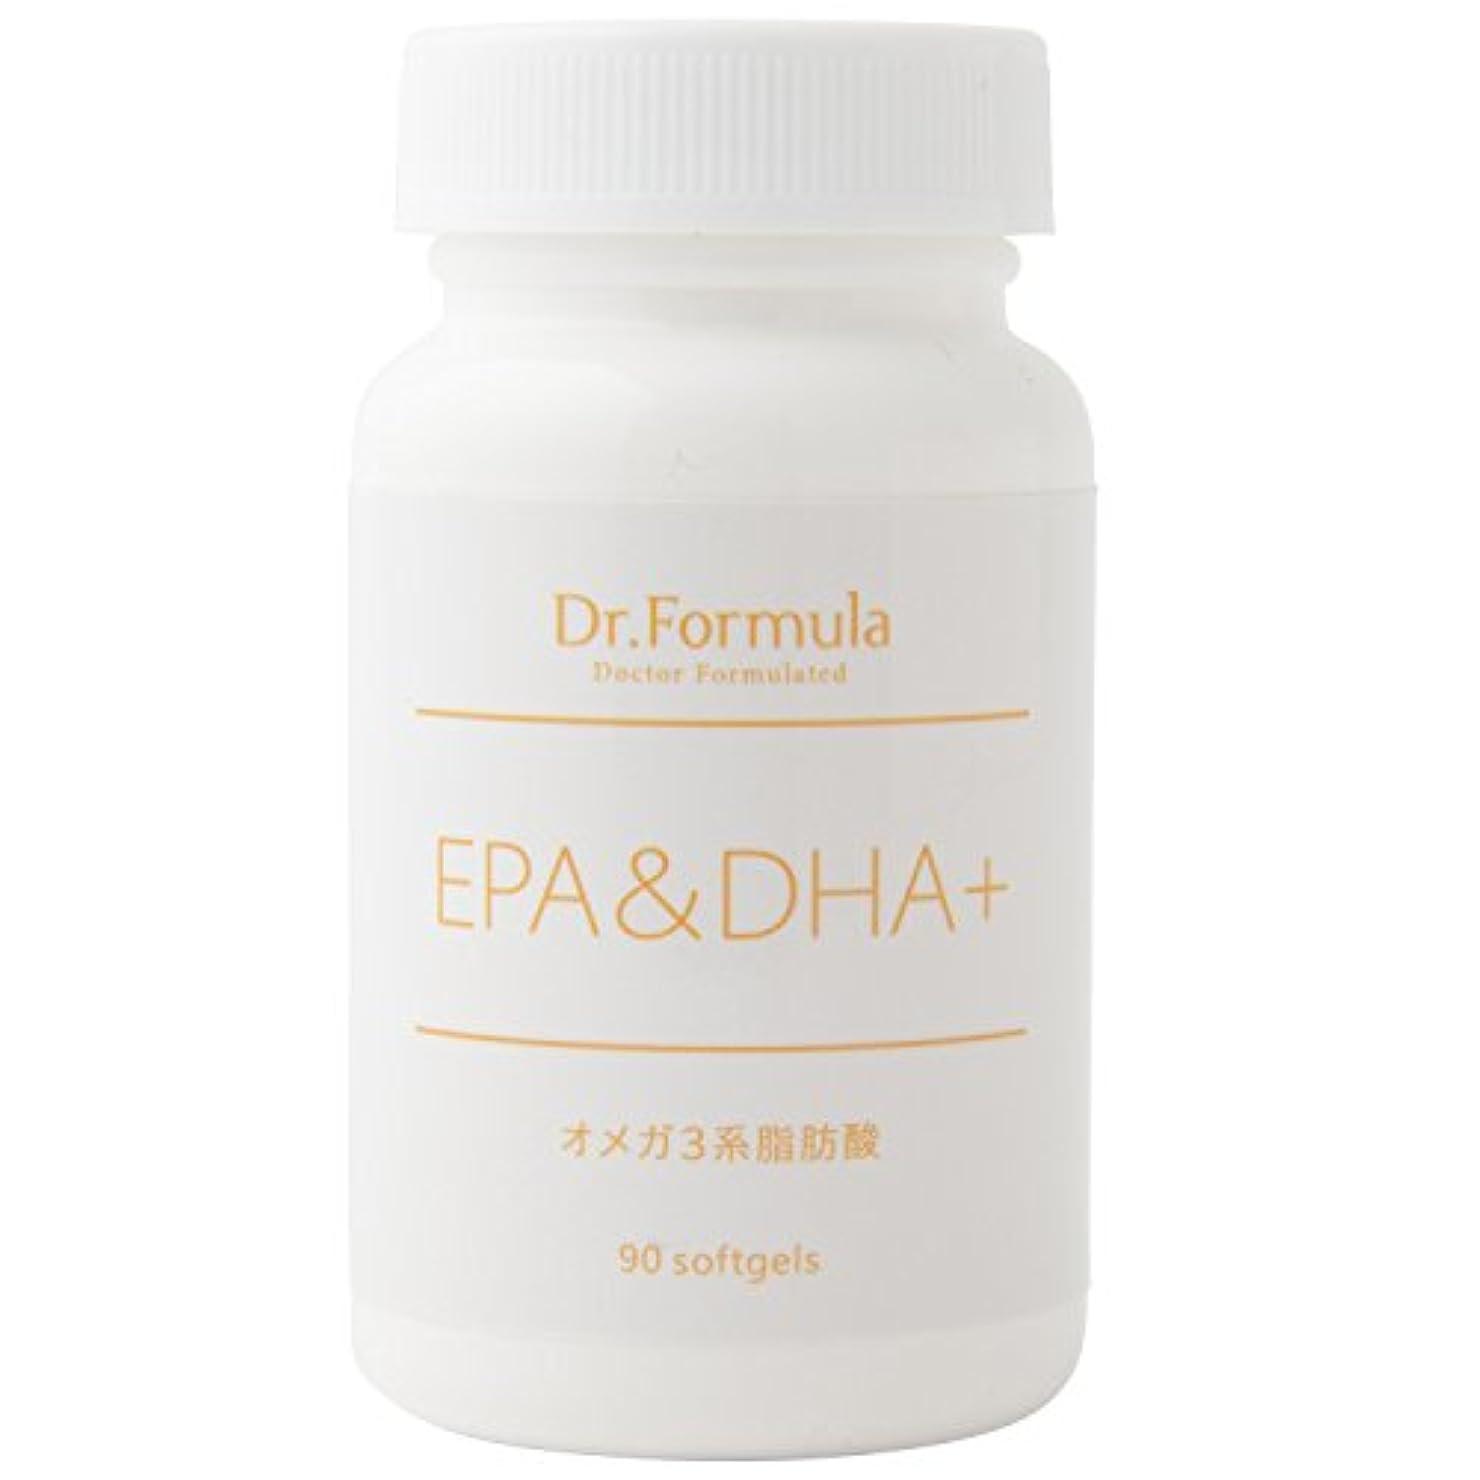 検出可能宇宙フラッシュのように素早くDr.Formula EPA&DHA+(オメガ 3系脂肪酸) 30日分 90粒 日本製 OMEGA3